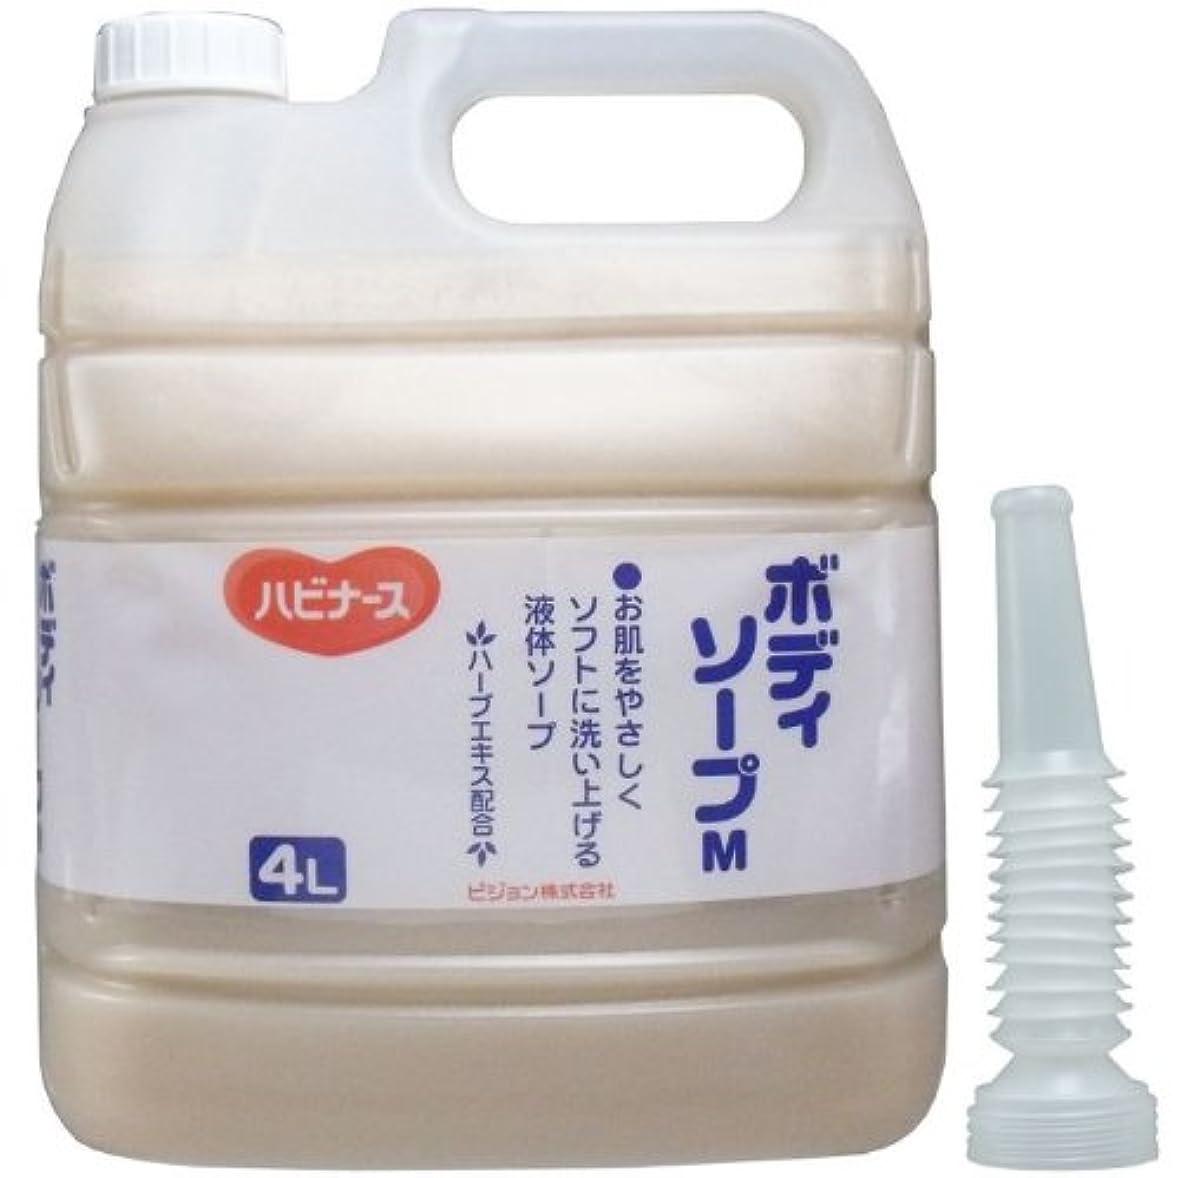 もつれ集中十億液体ソープ ボディソープ 風呂 石ケン お肌をやさしくソフトに洗い上げる!業務用 4L【5個セット】